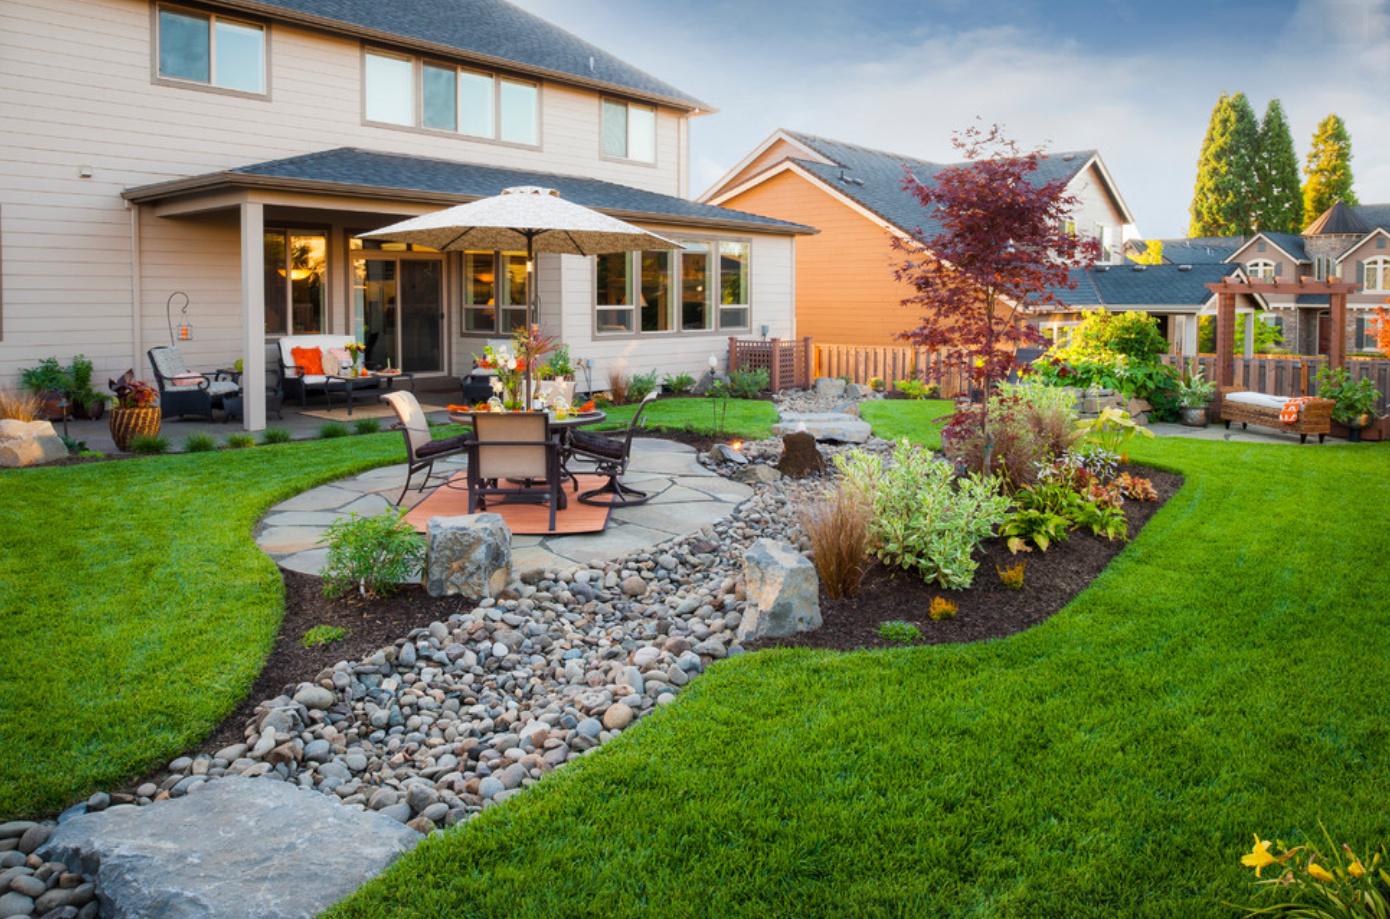 Украшение двора камнями, мебелью и растениями